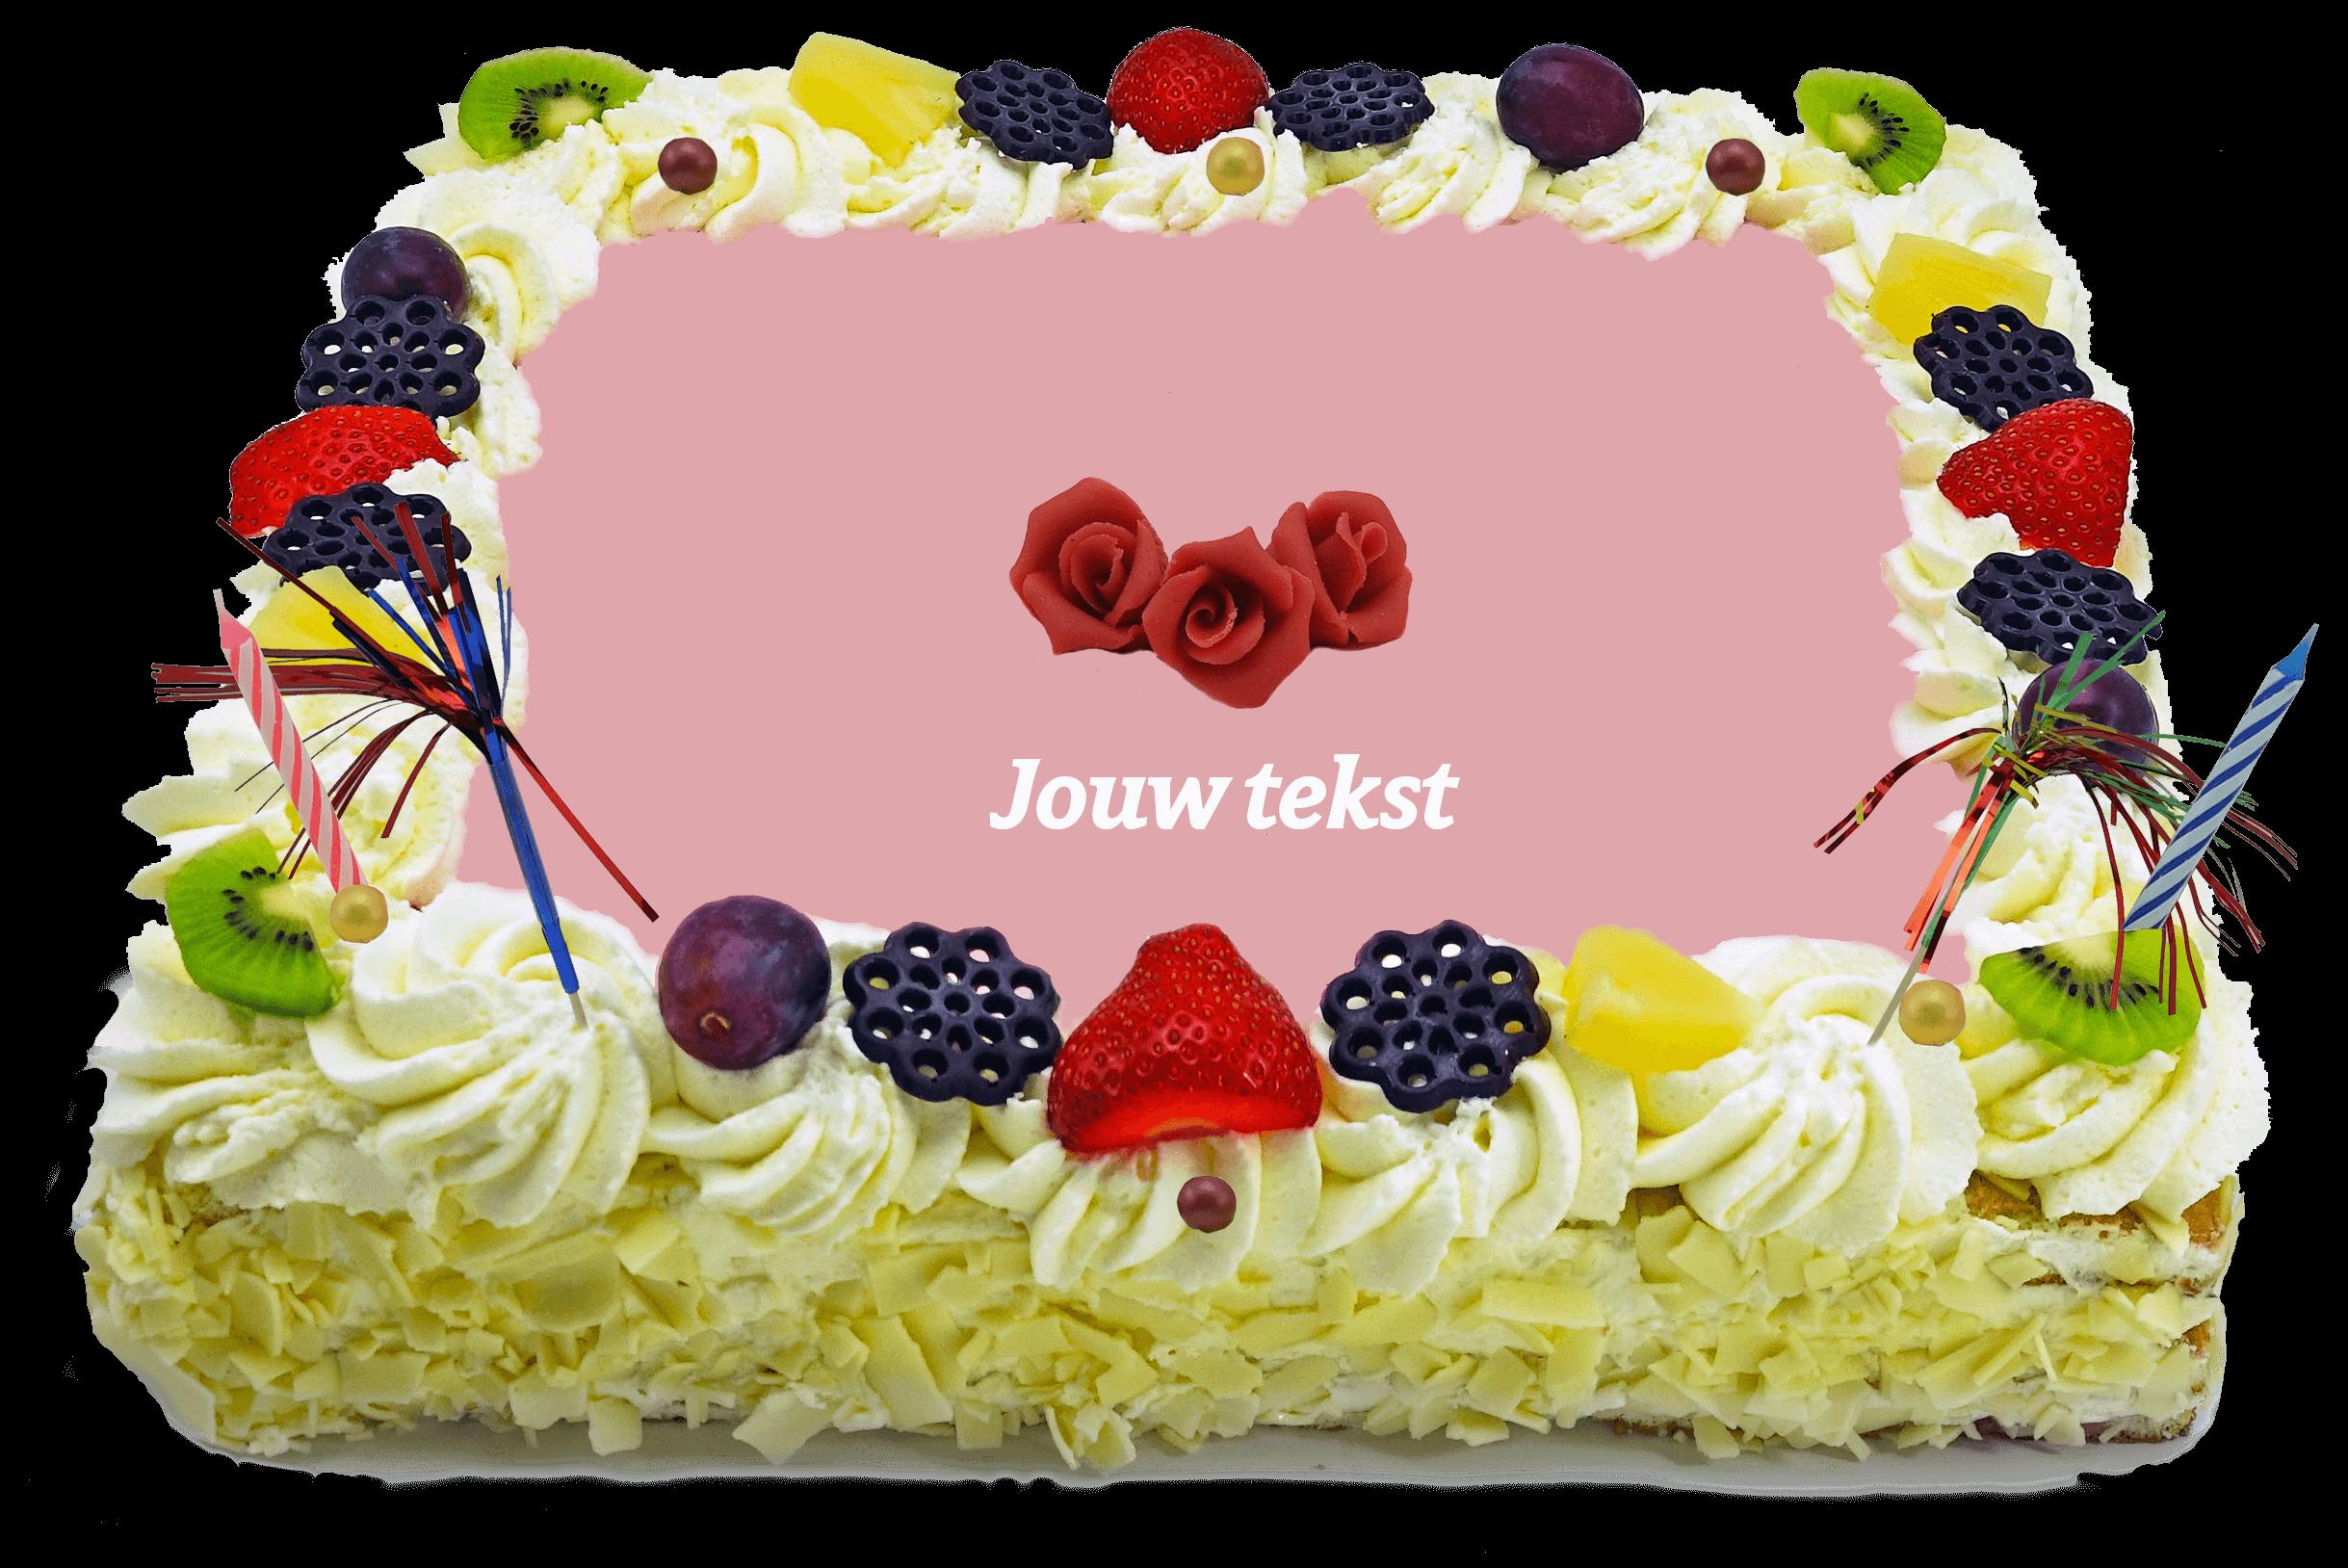 Decoratie taart bakkerij kwakman 7